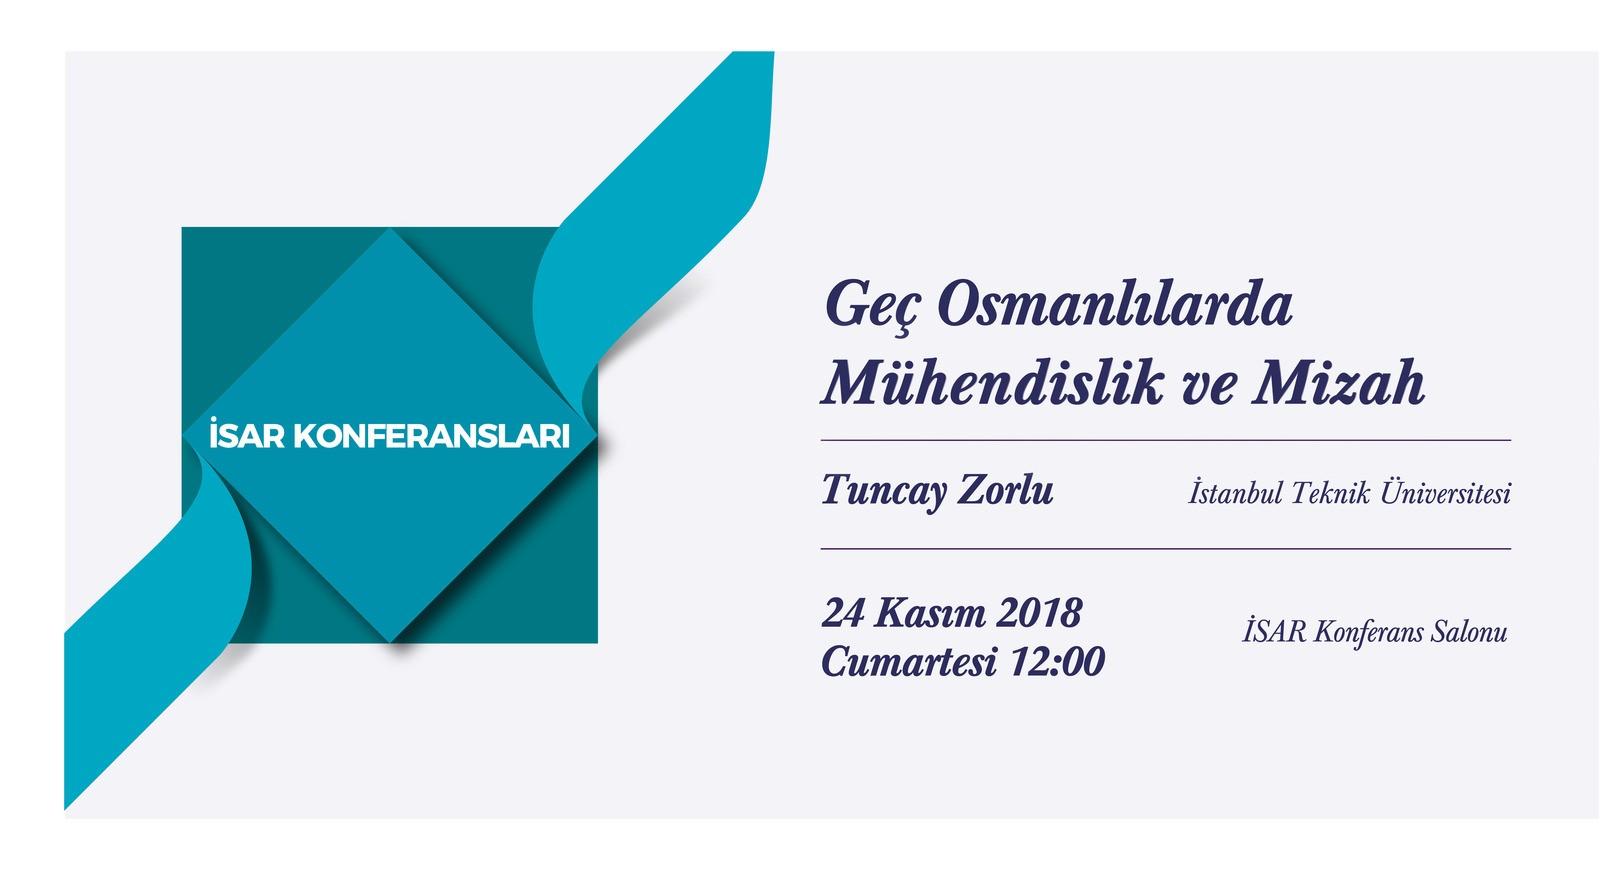 İSAR Konferansları - Geç Osmanlılarda Mühendislik ve Mizah